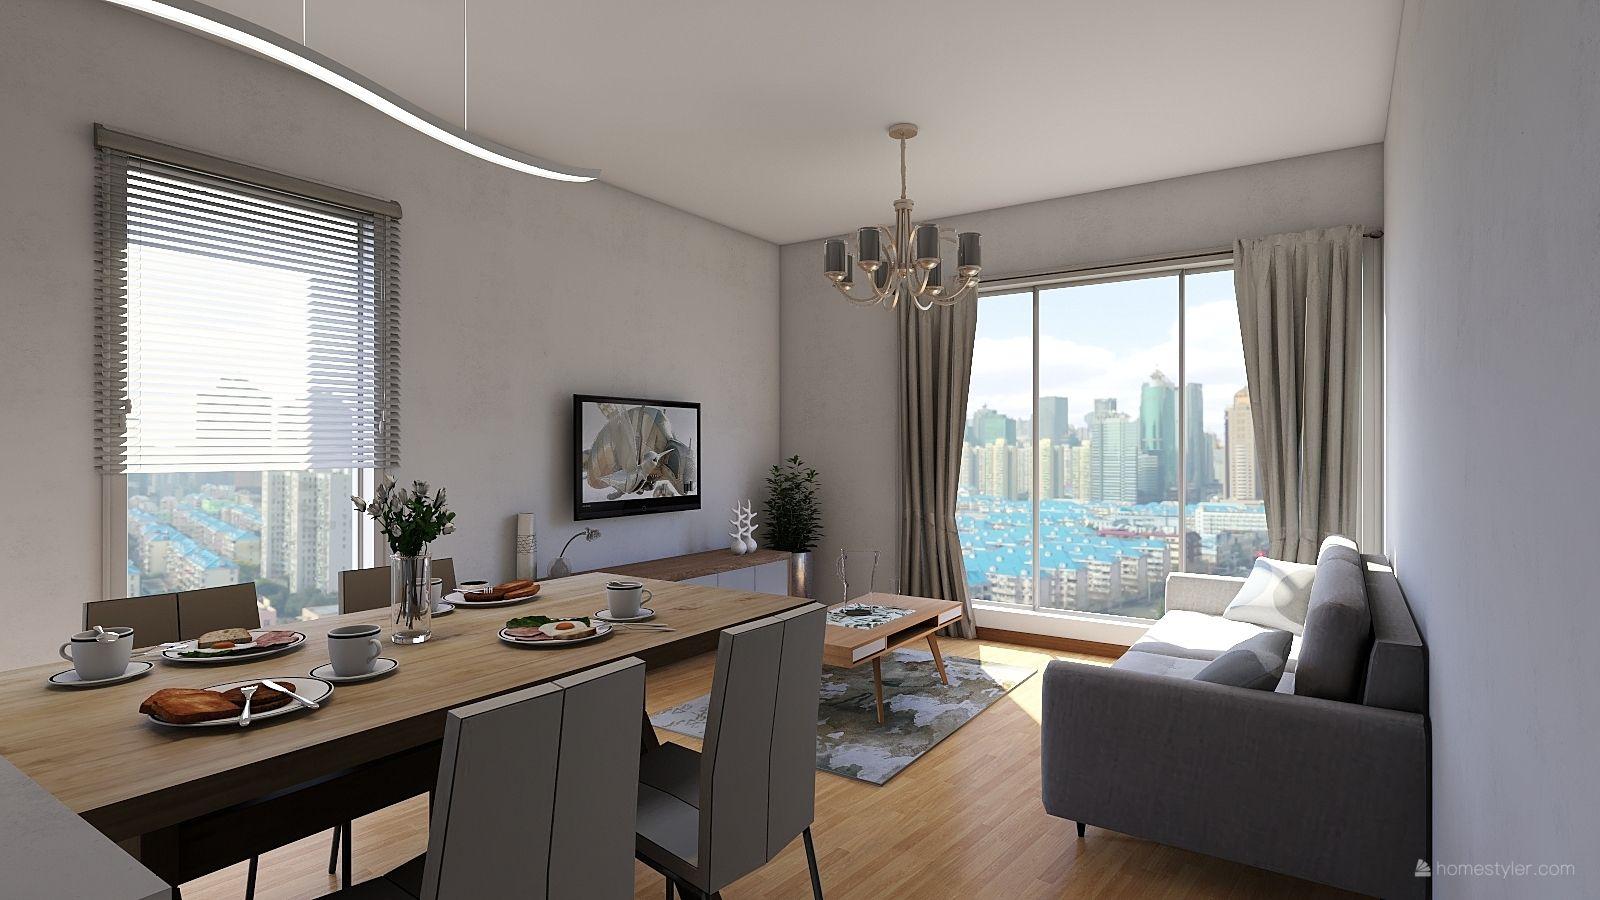 homestyler design  3d home design software home design